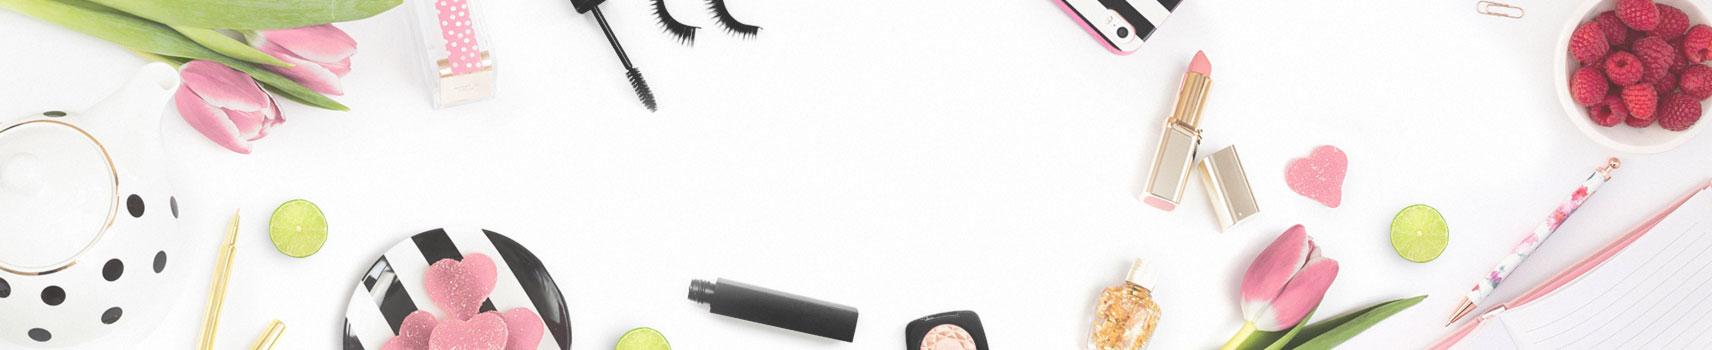 Odzież kosmetyczna damska - sklep internetowy